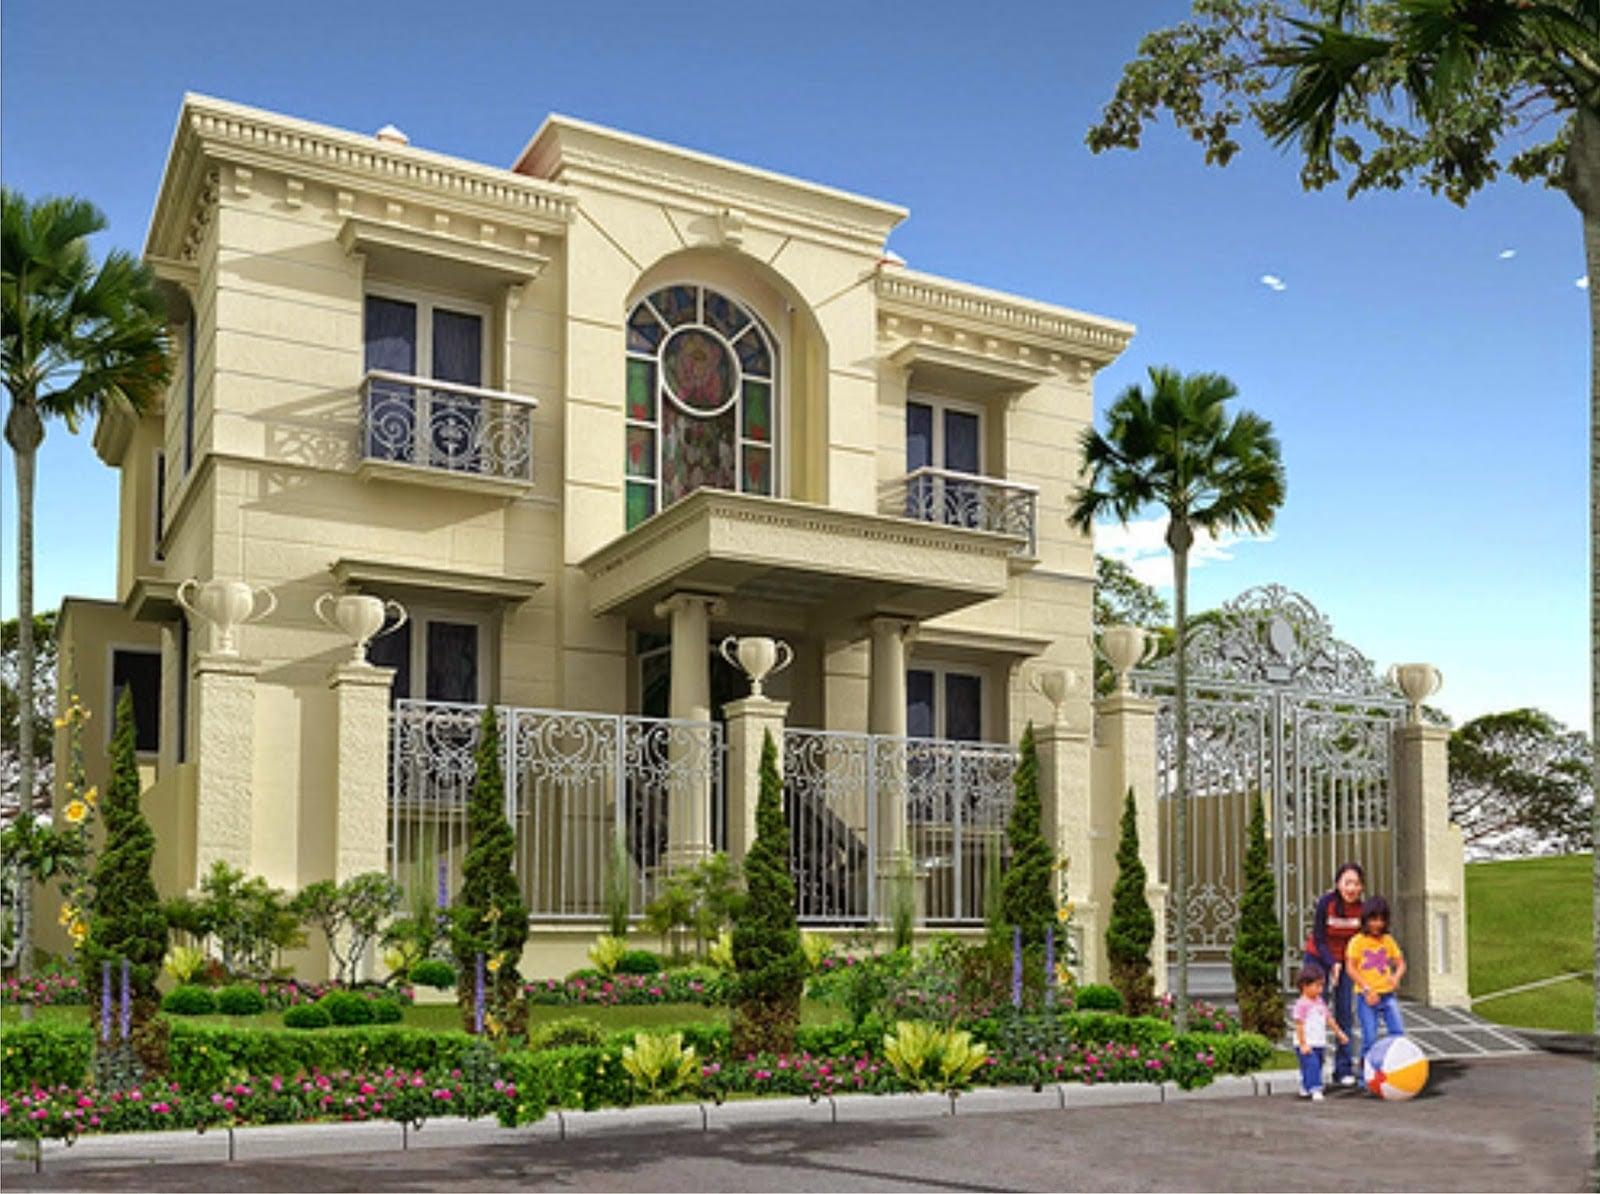 90 Ragam Desain Warna Cat Tembok Untuk Rumah Klasik Paling ...